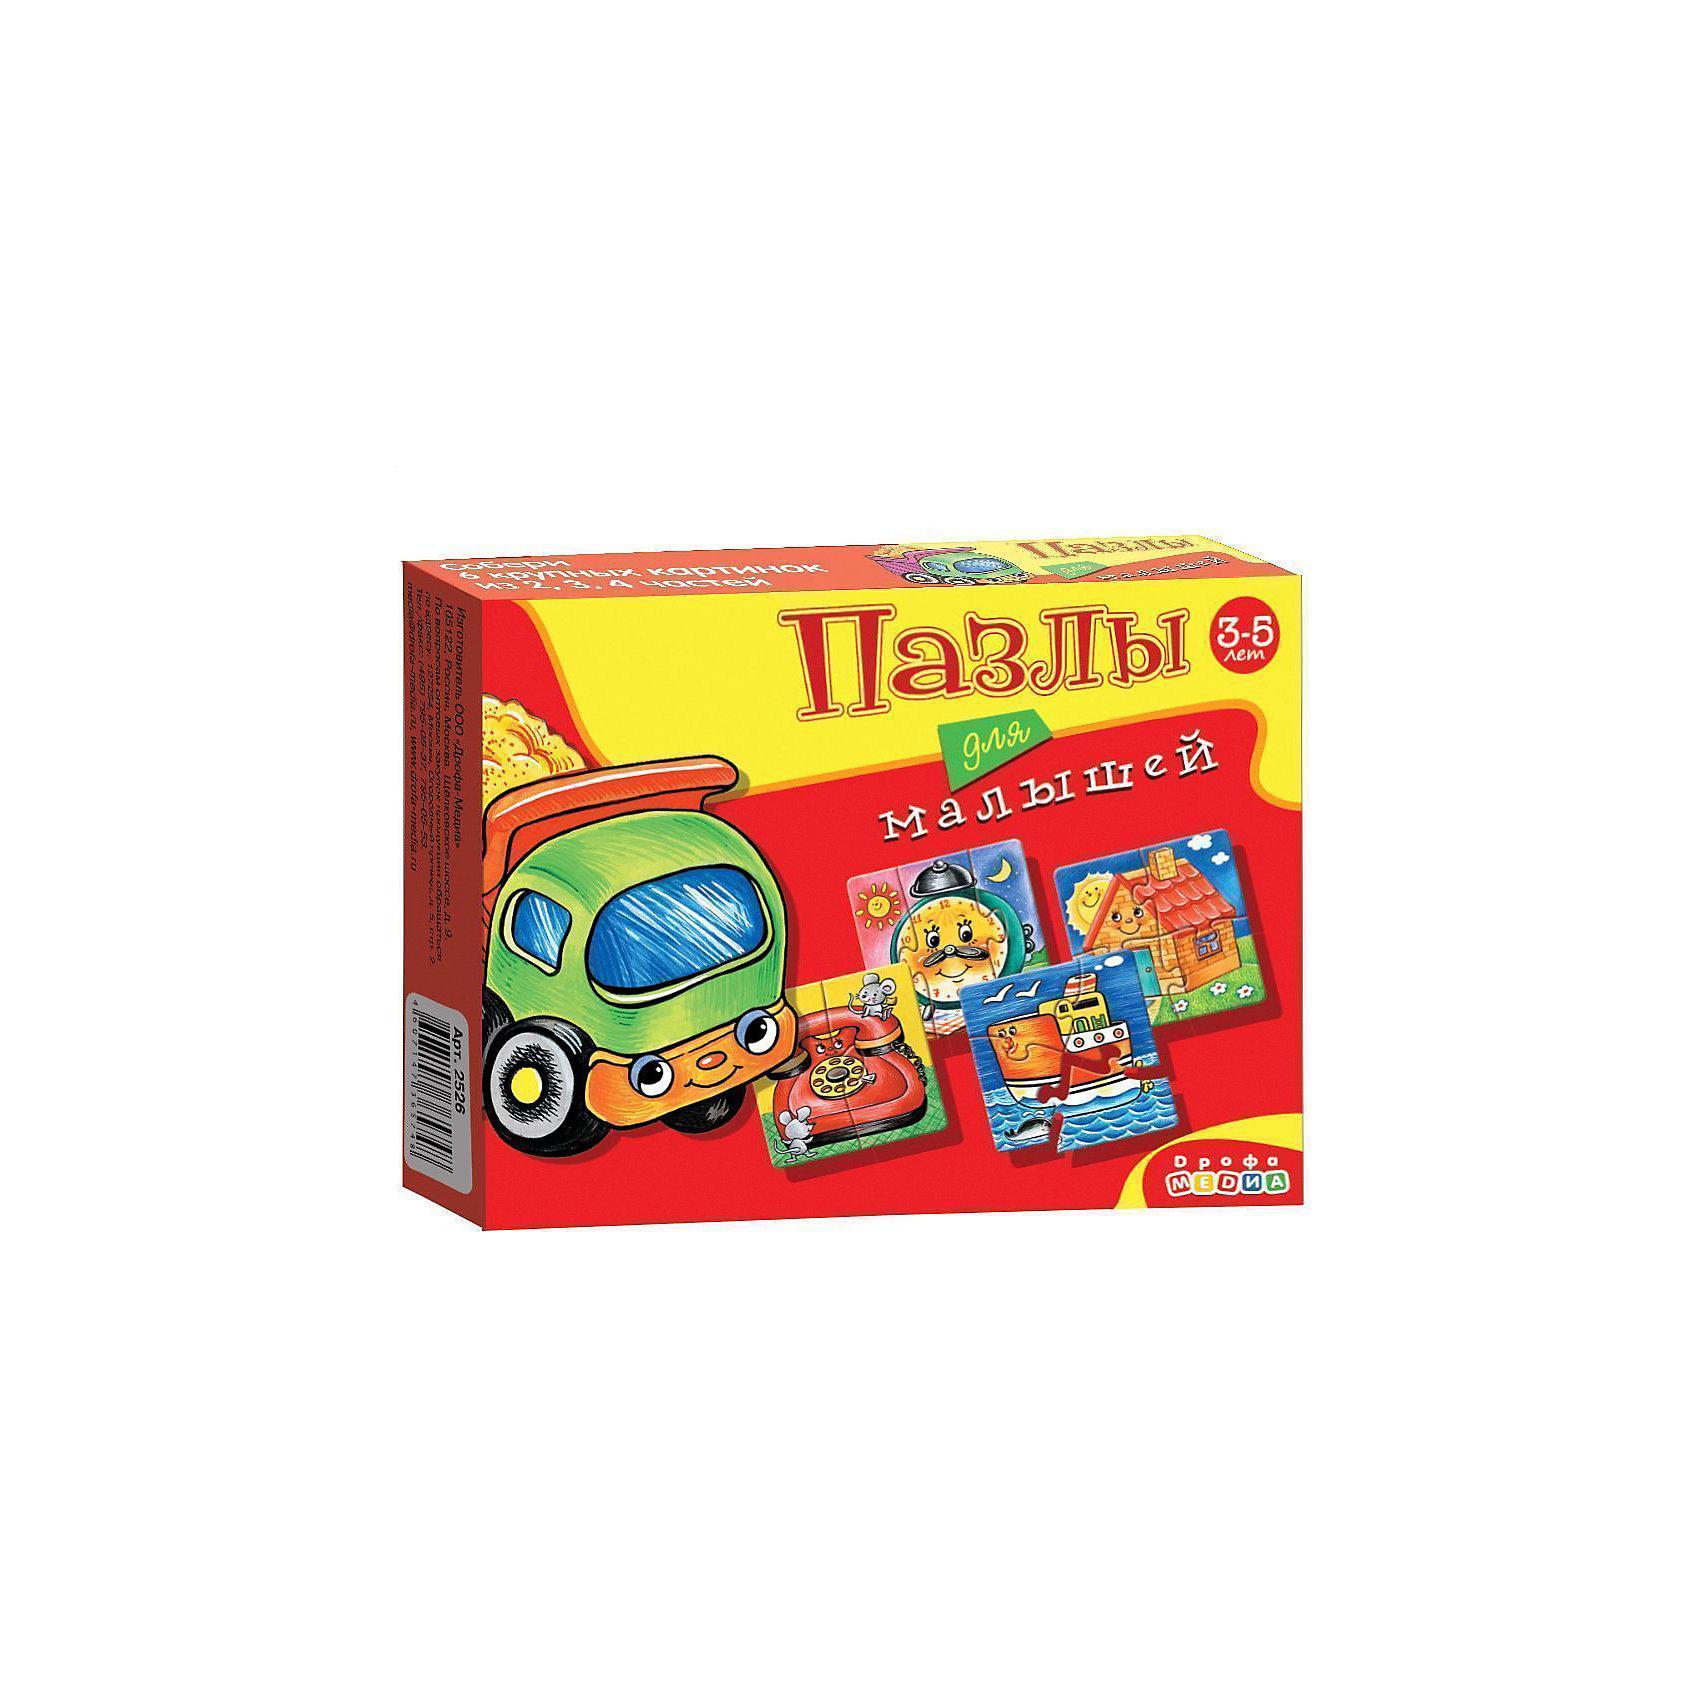 Пазлы для малышей (2526), Дрофа-МедиаПазлы для малышей<br>Пазл для малышей 2526 прекрасно подходит для первого знакомства малыша с мозаикой, способствует формированию навыка соединения целого изображения из двух, трёх и четырех элементов. В игре набор из шести персонажей (телефон, пароход,  дом, будильник, грузовик), состоящих из крупных деталей, которые соединяются с помощью пазлового замка. Игры этой серии помогают в развитии зрительного восприятия, мелкой моторики и координации движений рук, наглядно-образного мышления, памяти и внимания.<br><br>Дополнительная информация:<br><br>- материал: картон<br>- количество картинок: 6 шт -  (из 2-х, 3-х, 4-х частей)<br>- размер упаковки: 17х13х3  см<br>- масса: 84 г<br><br>Пазлы для малышей (2526), Дрофа-Медиа можно купить в нашем магазине.<br><br>Ширина мм: 170<br>Глубина мм: 130<br>Высота мм: 30<br>Вес г: 100<br>Возраст от месяцев: 36<br>Возраст до месяцев: 84<br>Пол: Унисекс<br>Возраст: Детский<br>Количество деталей: 4<br>SKU: 3381967